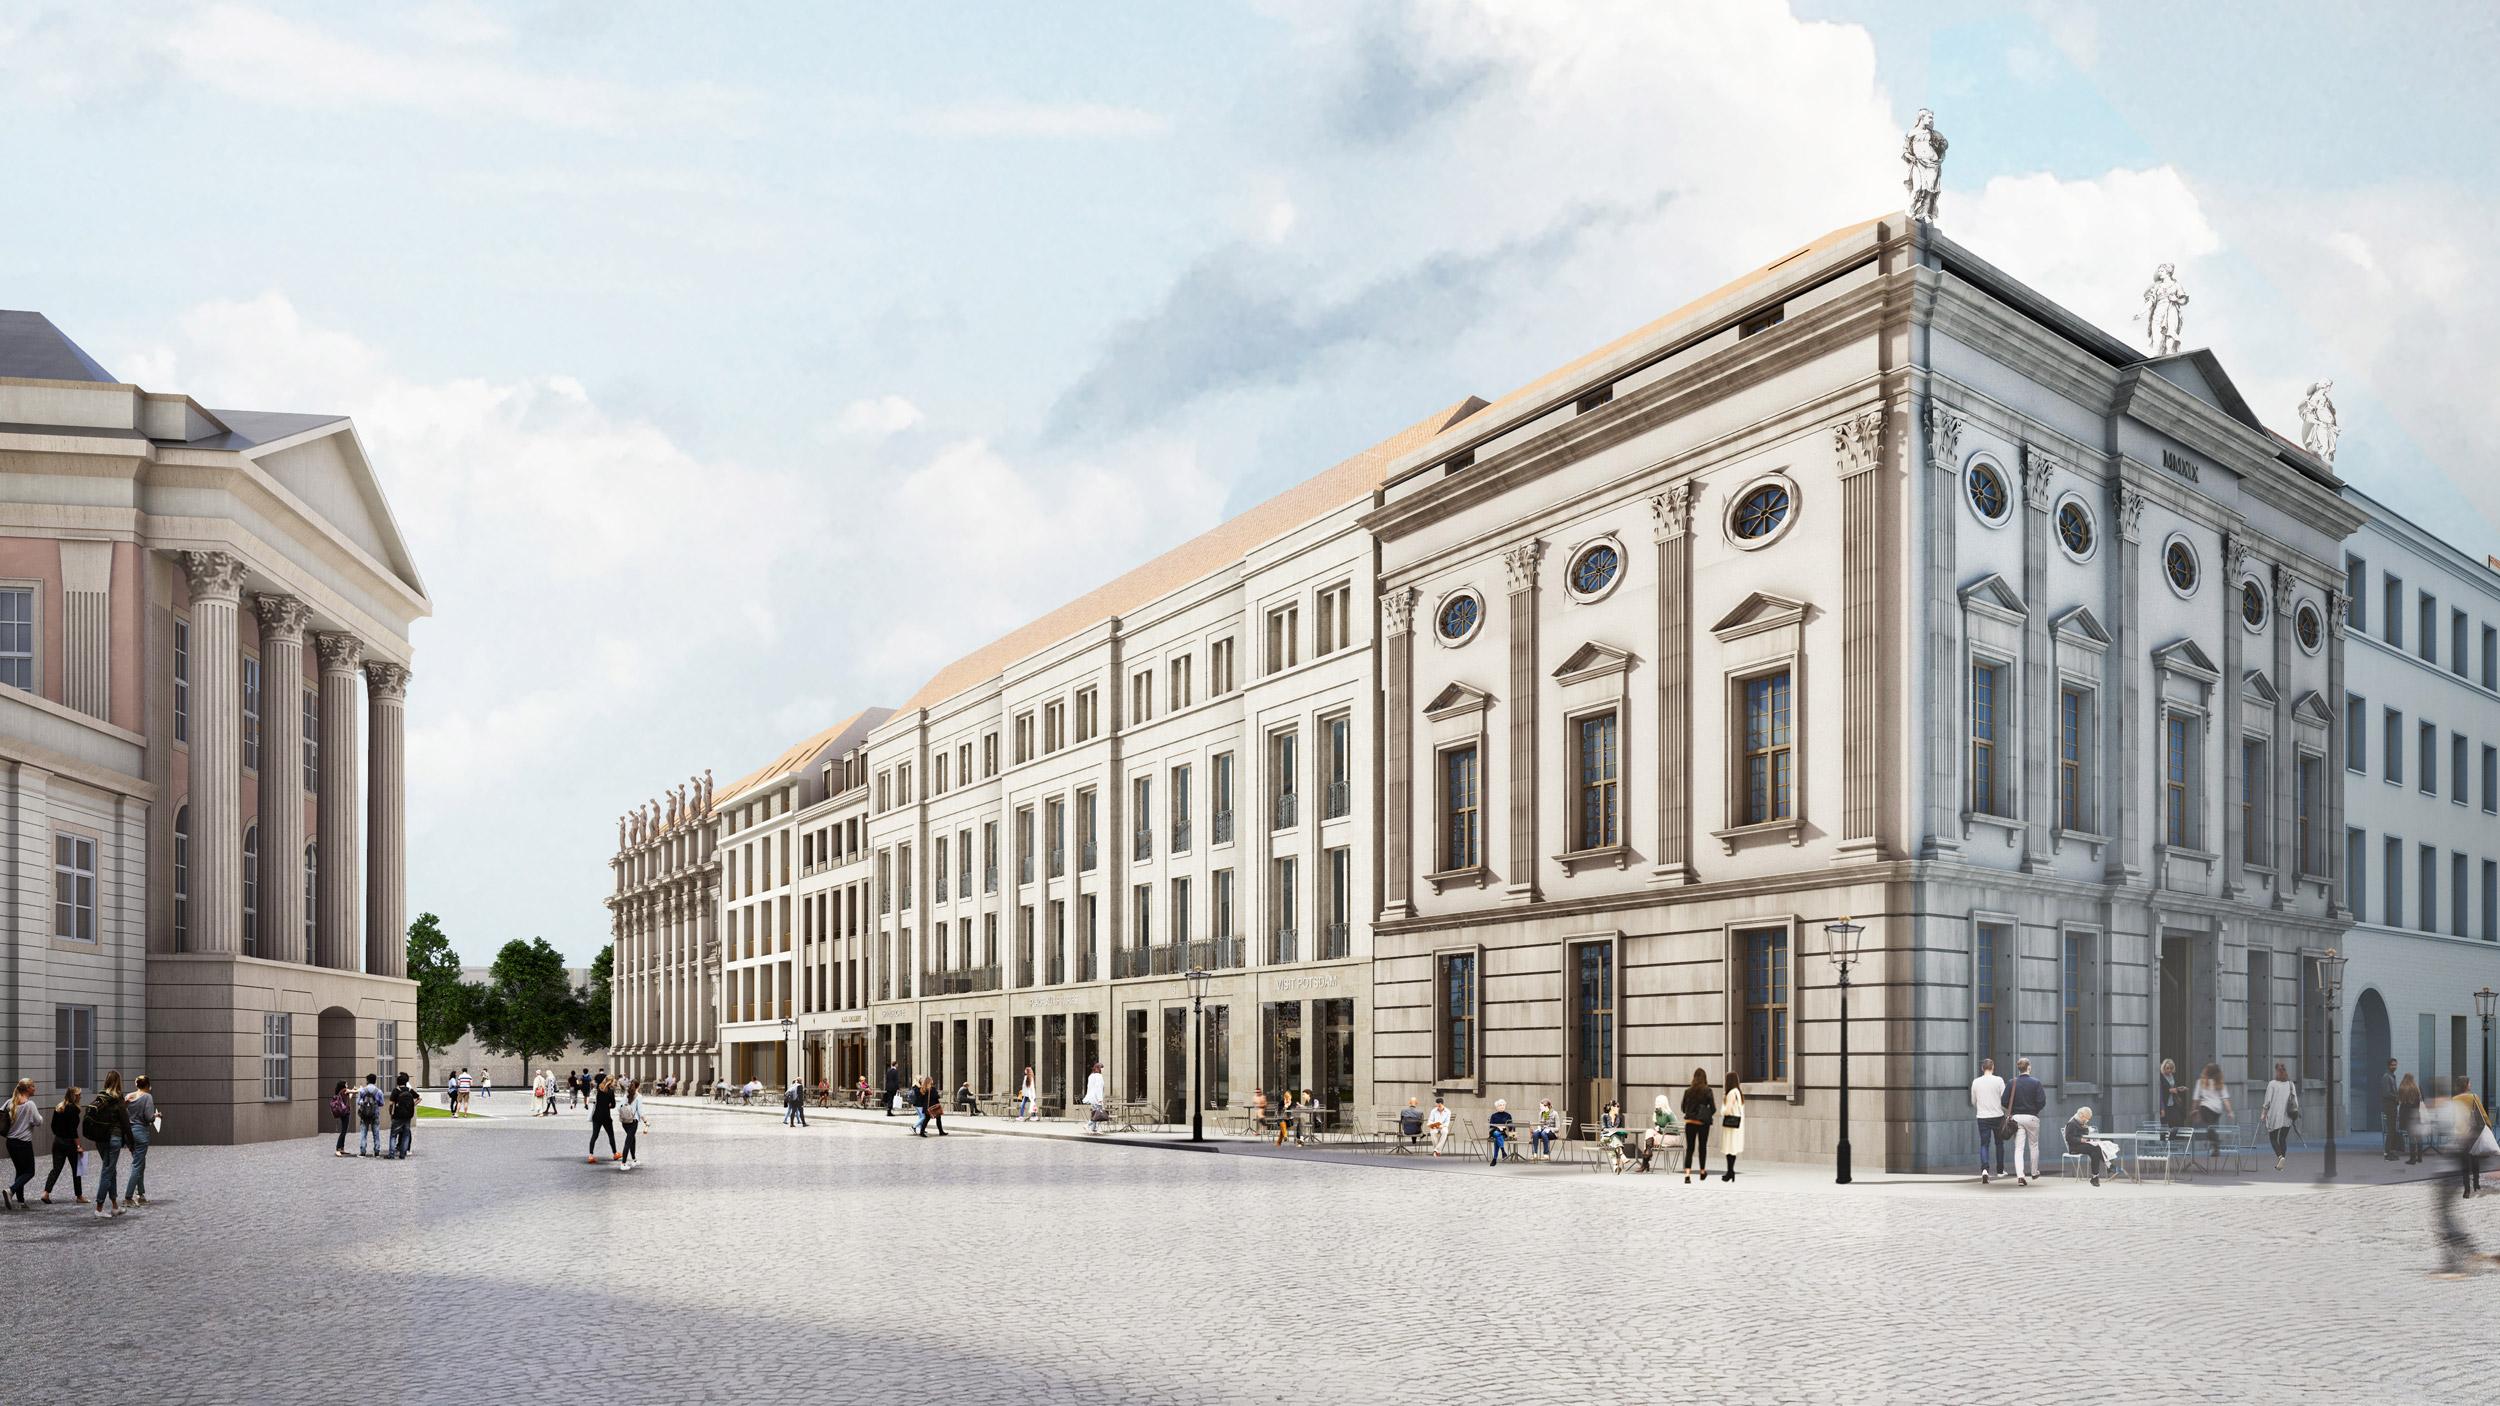 Ergänzung eines historischen Baublocks - Neues Stadtpalais Potsdam